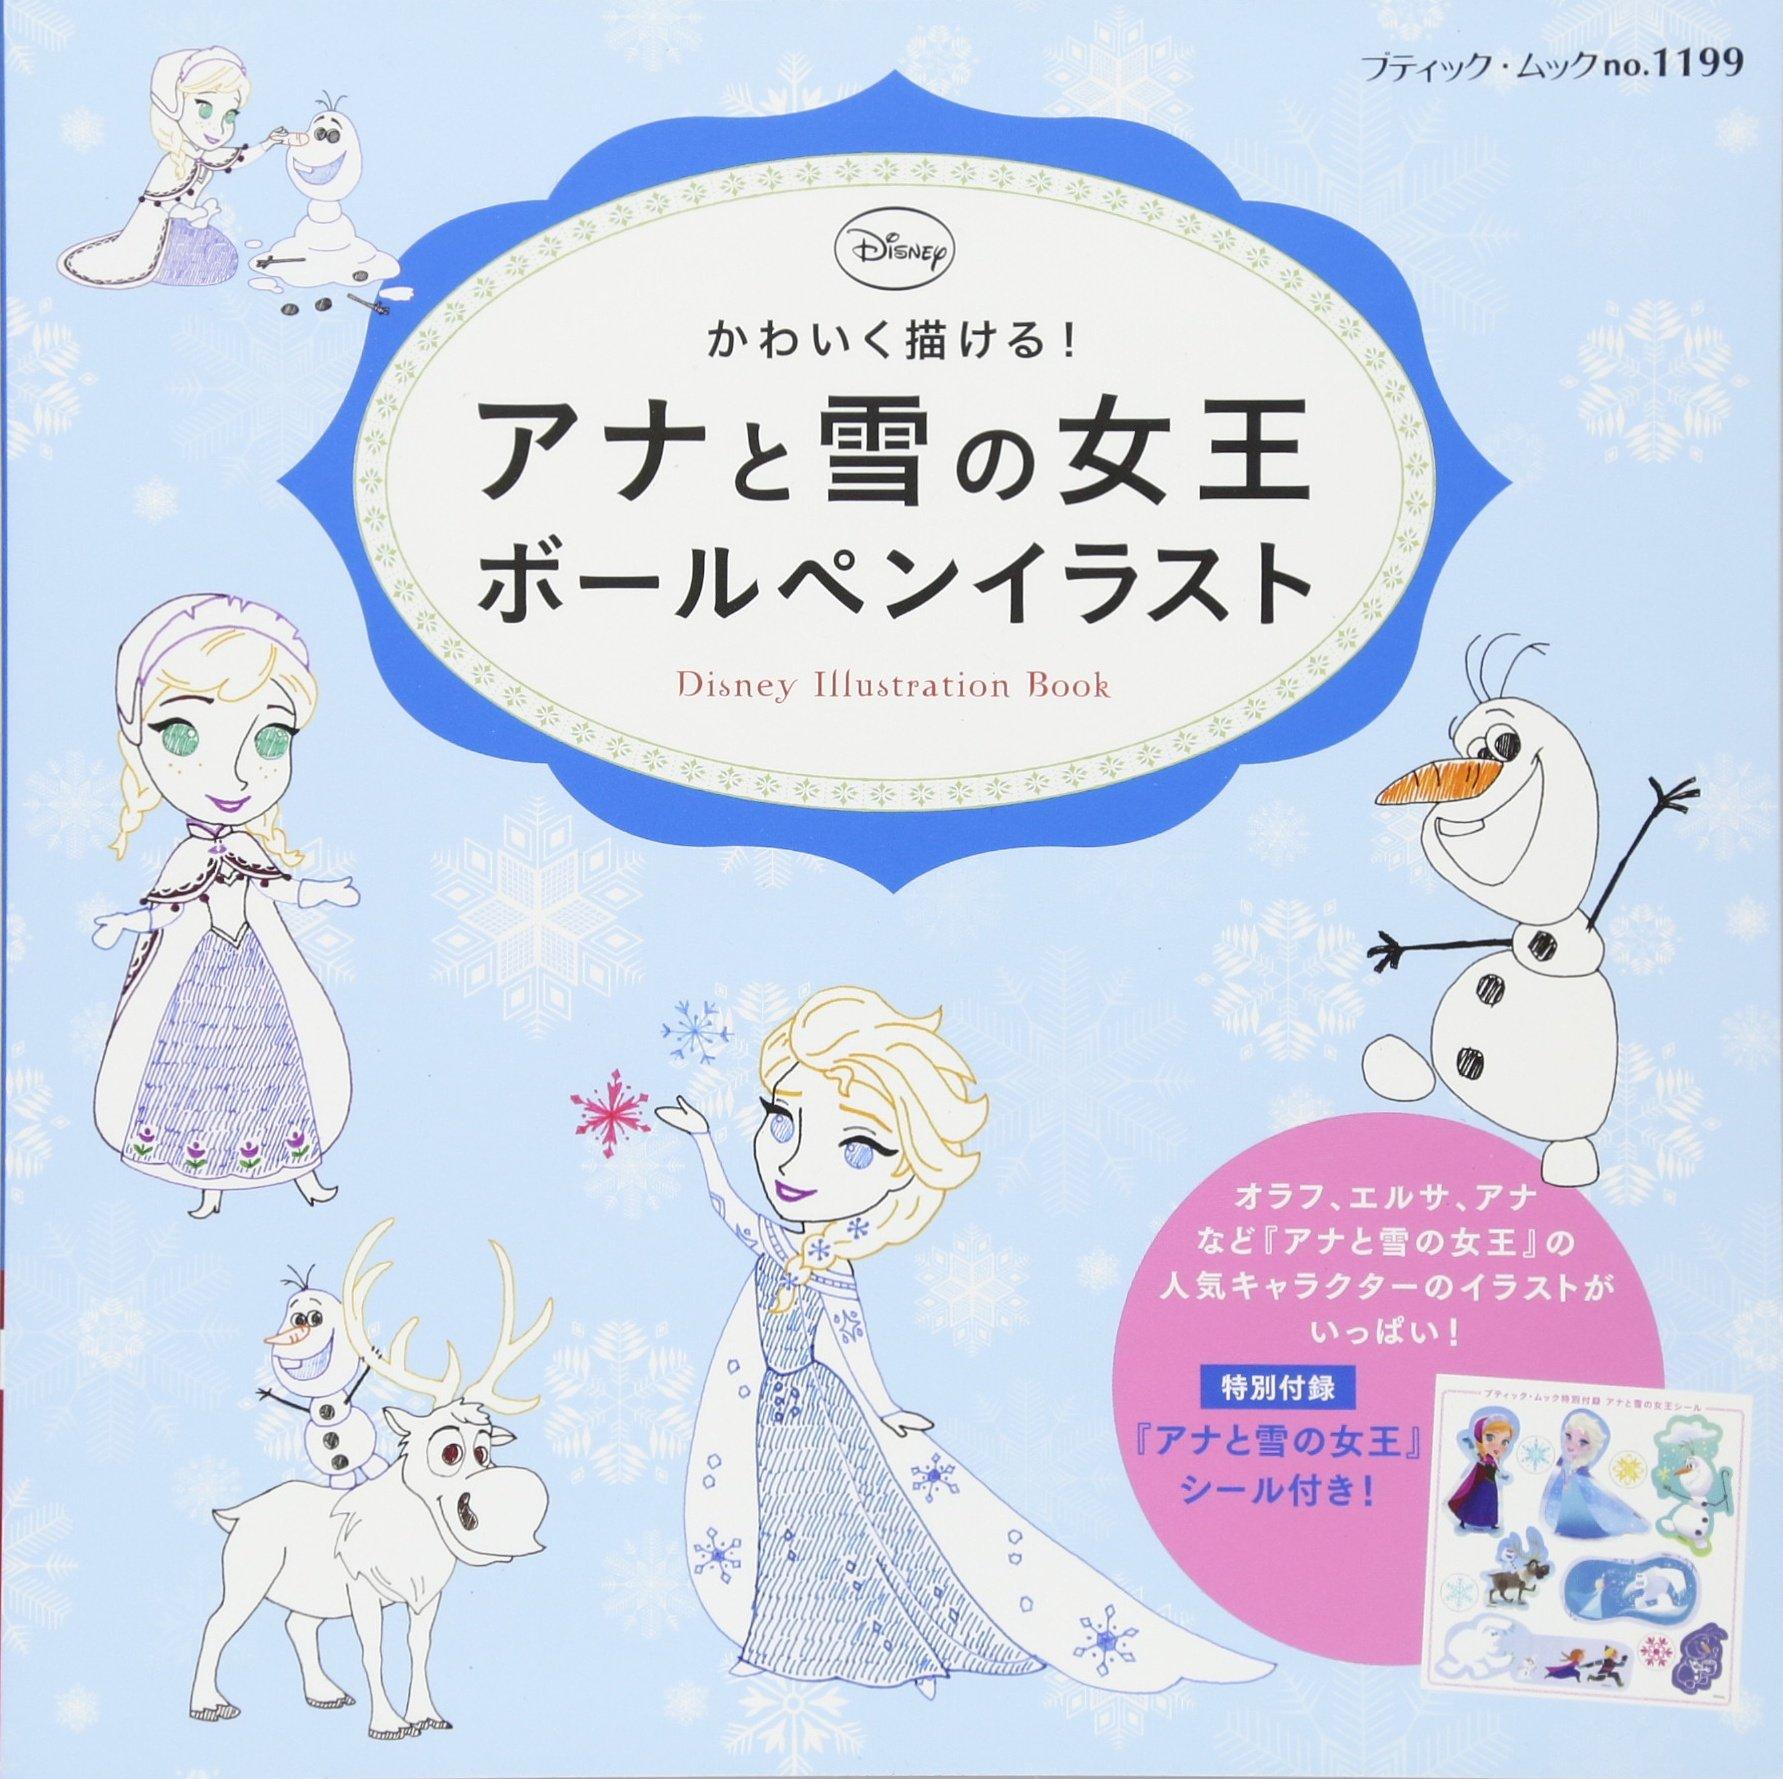 アナと雪の女王 ボールペンイラスト ブティックムックno 1199 本